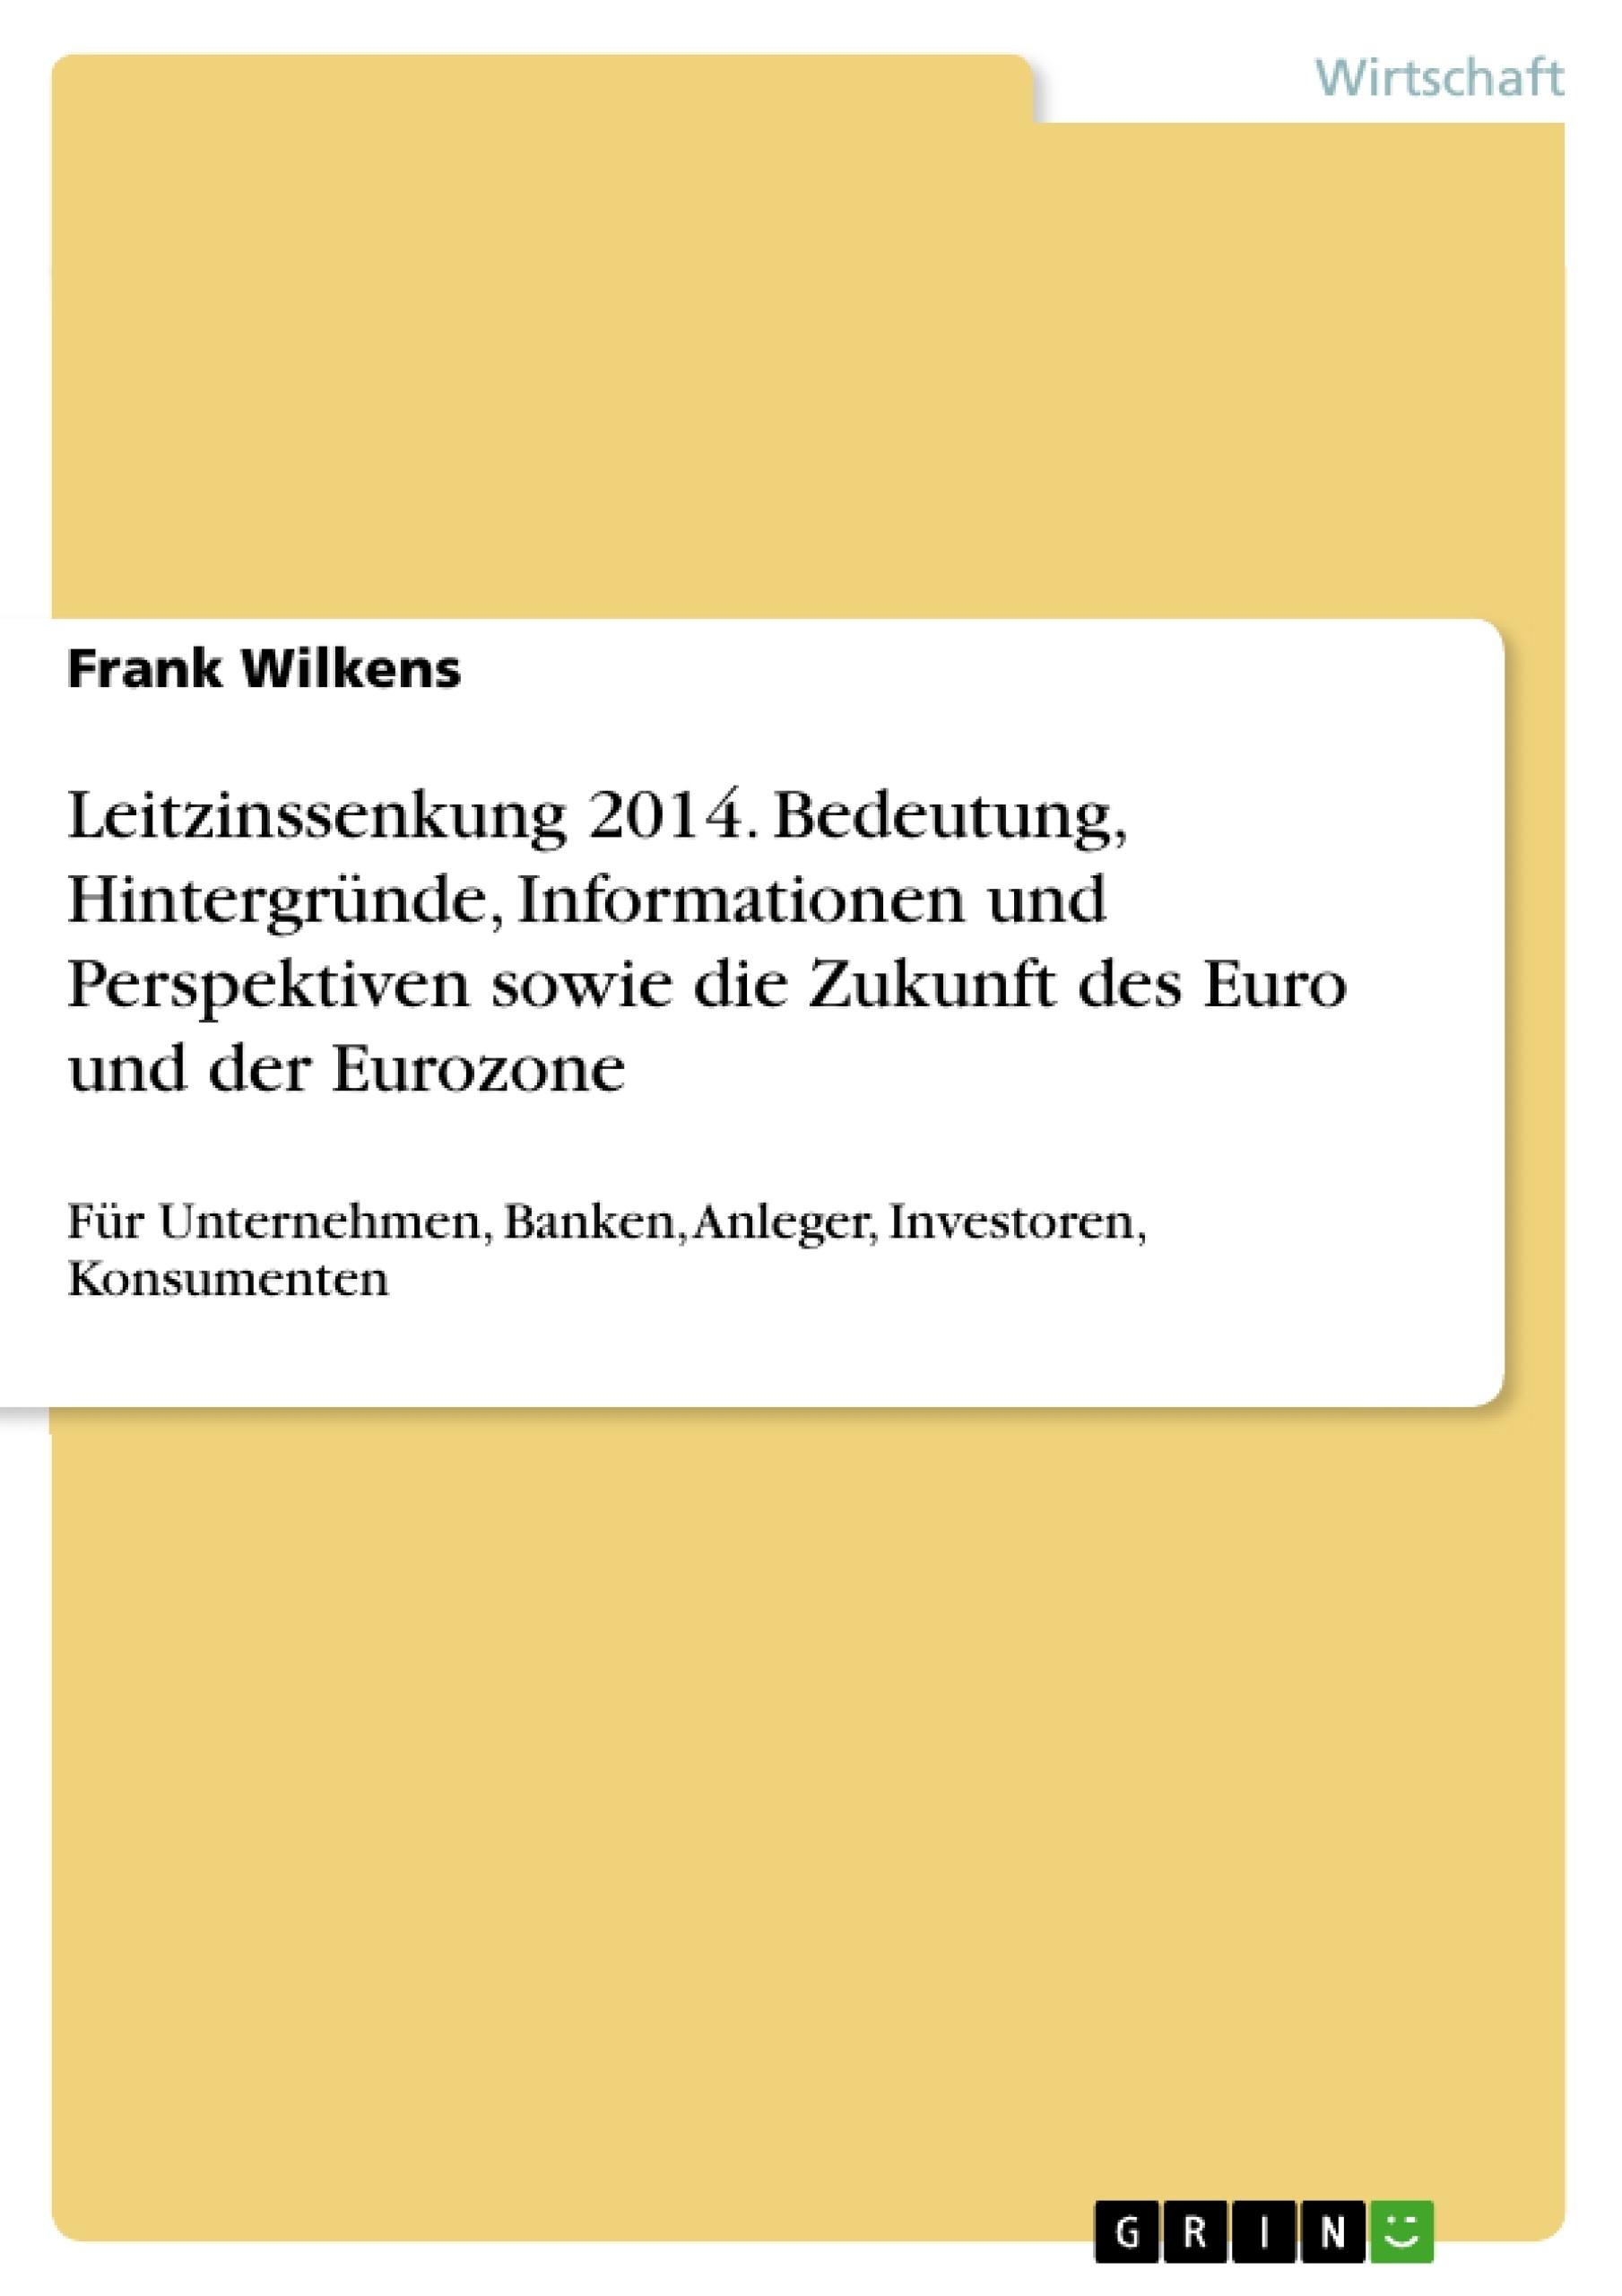 Titel: Leitzinssenkung 2014. Bedeutung, Hintergründe, Informationen und Perspektiven sowie die Zukunft des Euro und der Eurozone